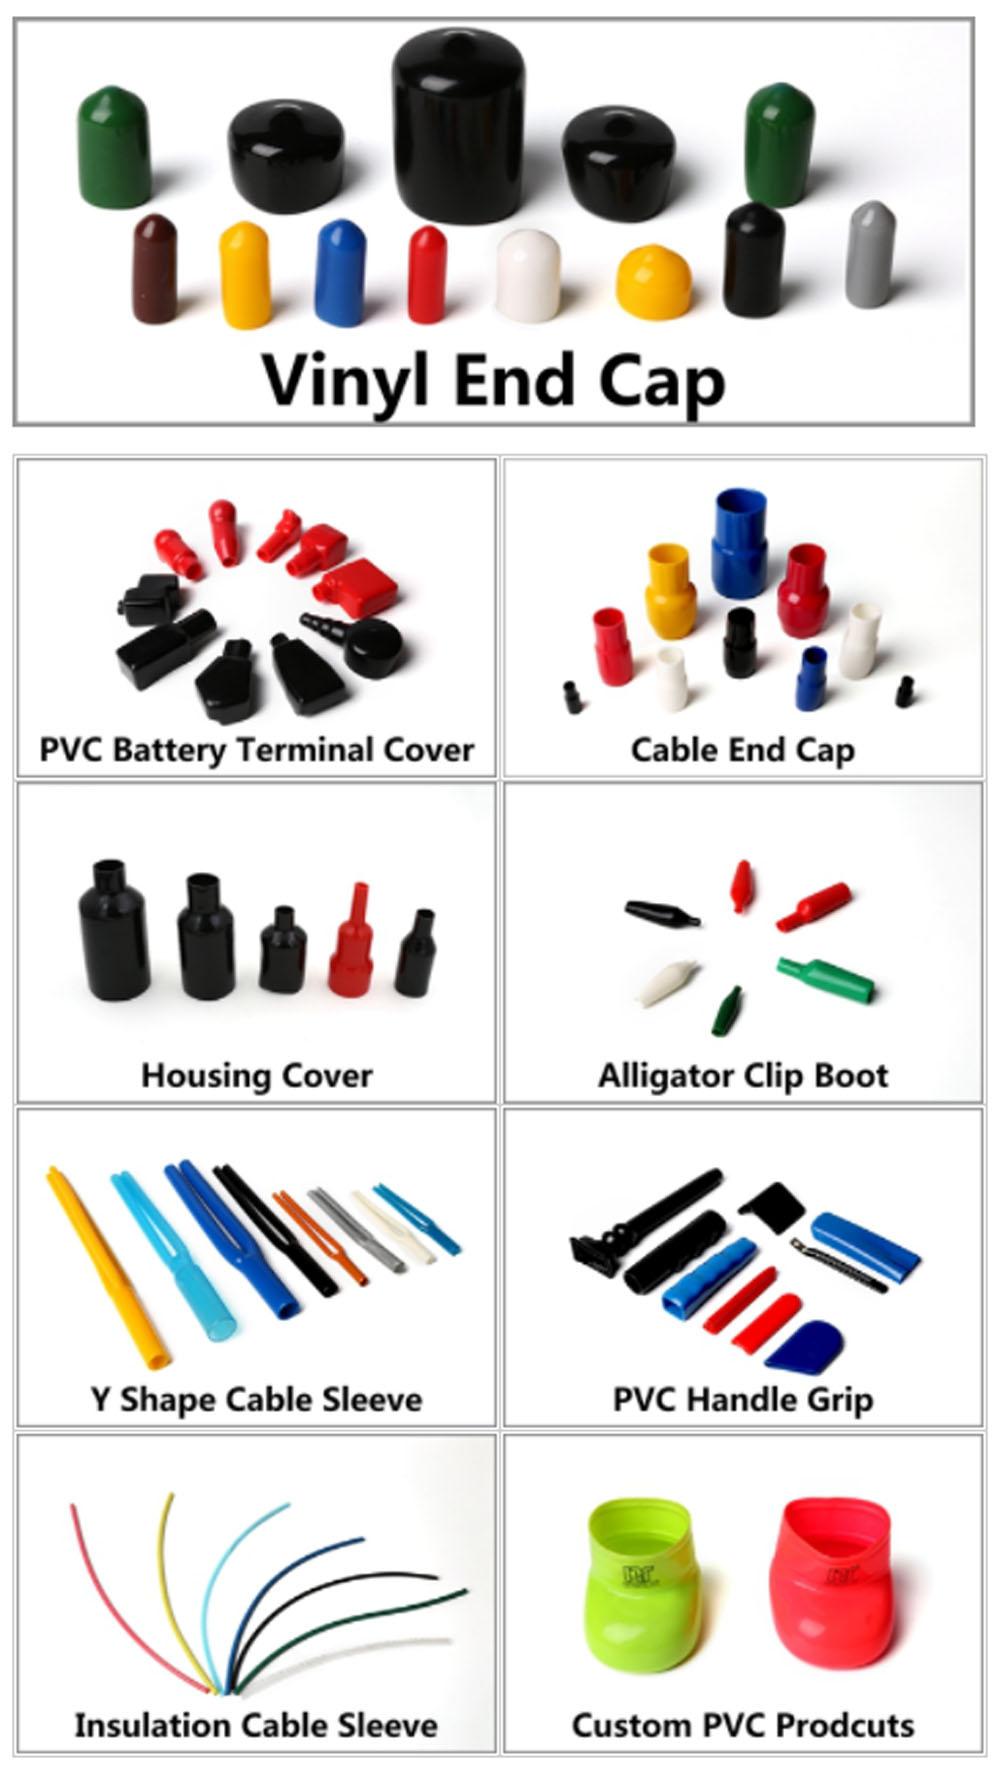 rubber bolt covers,pvc wire cap,pvc wire end cap,vinyl end cap,wire pvc cover price